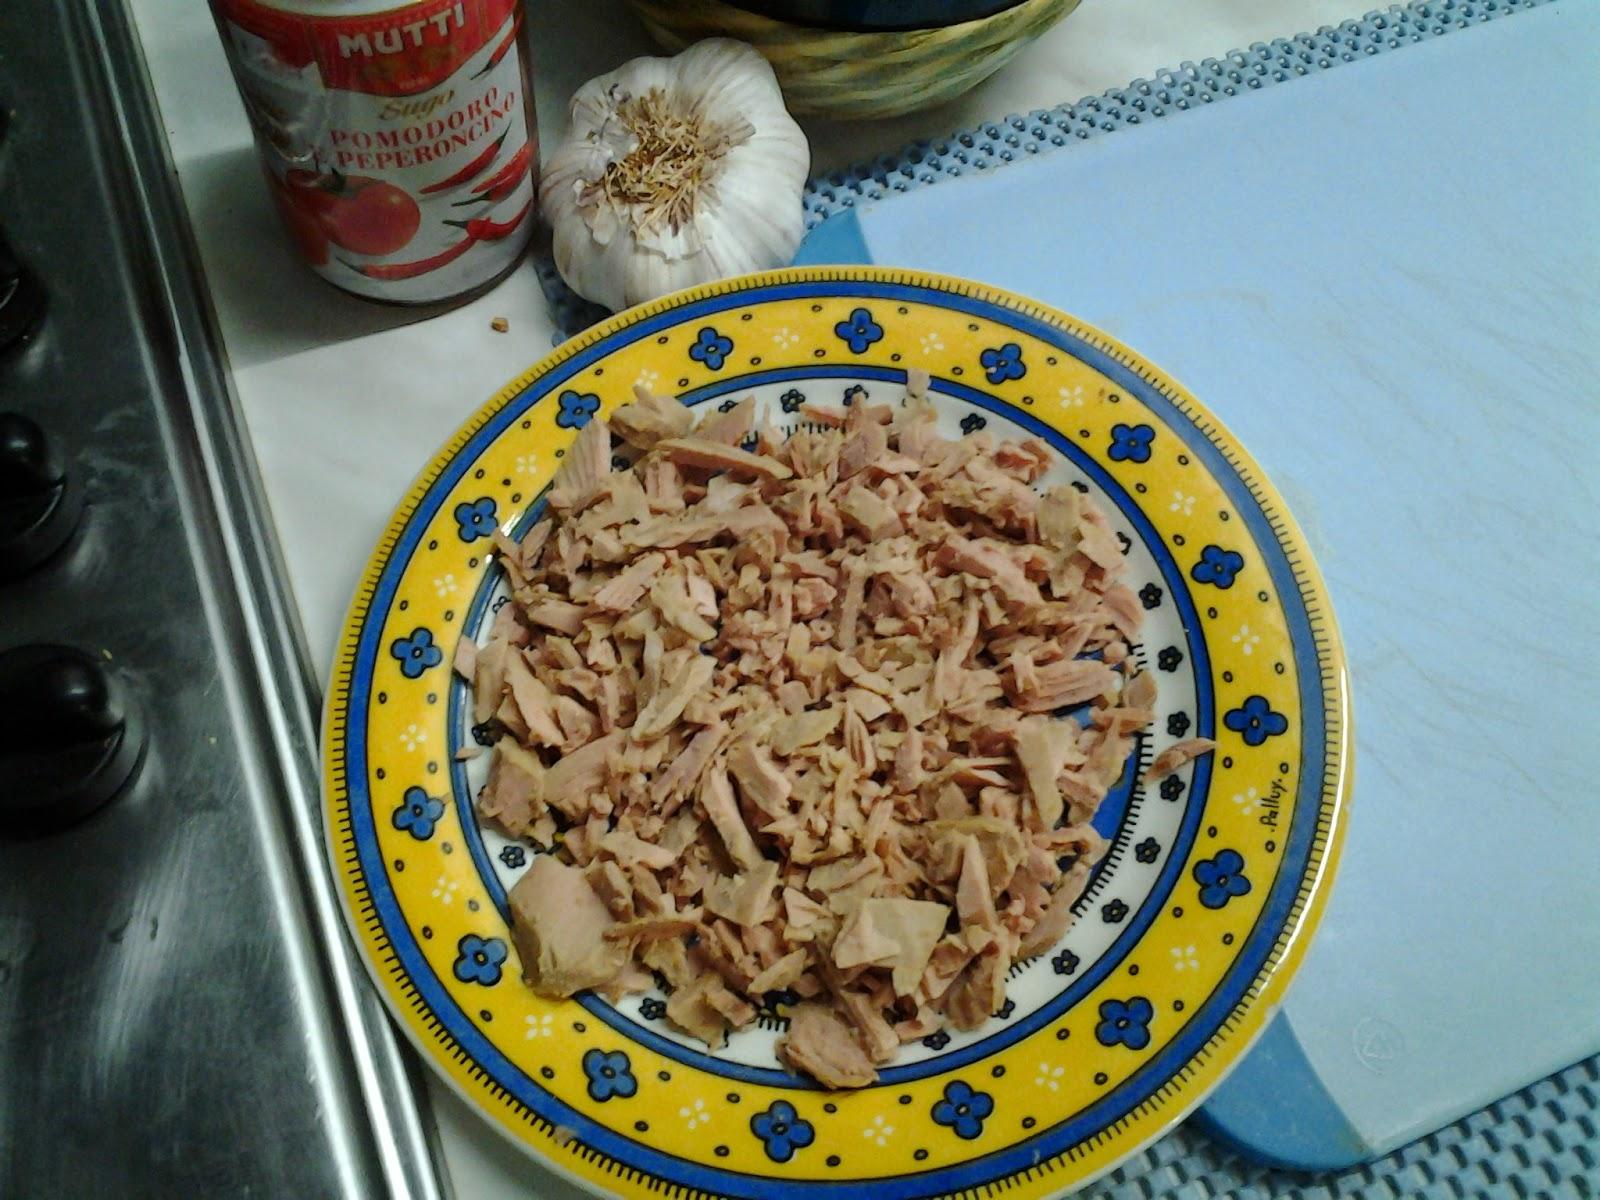 senza anima a pezzetti con olio evo appena insaporito mettere subito il tonno spezzettato far insaporire ed aggiungere passata di pomodoro che ricopra